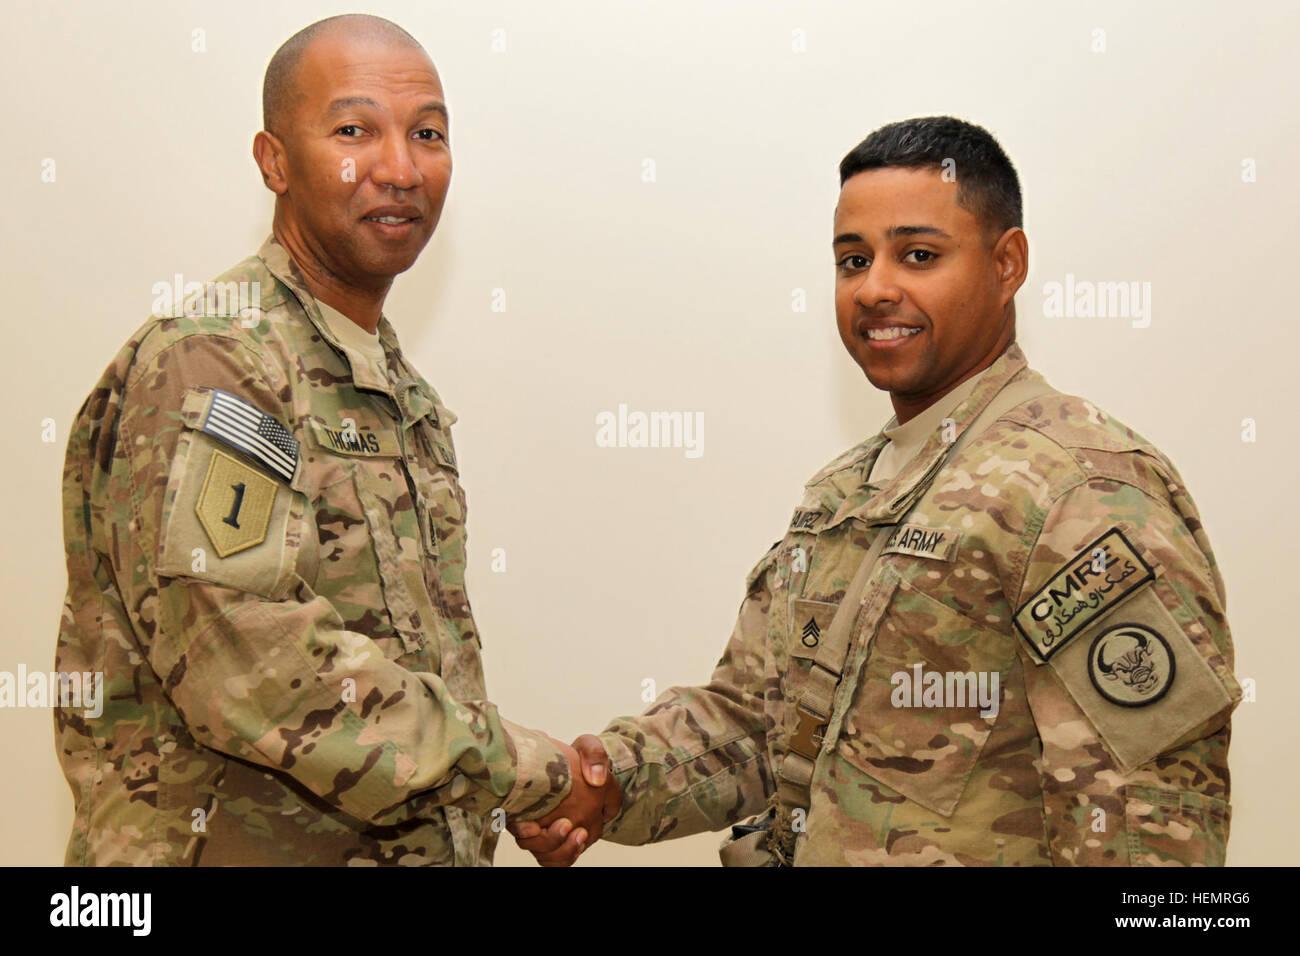 U S Army Staff Sgt Jonel Ramirez Assigned To 846th Transportation Stock Photo Alamy